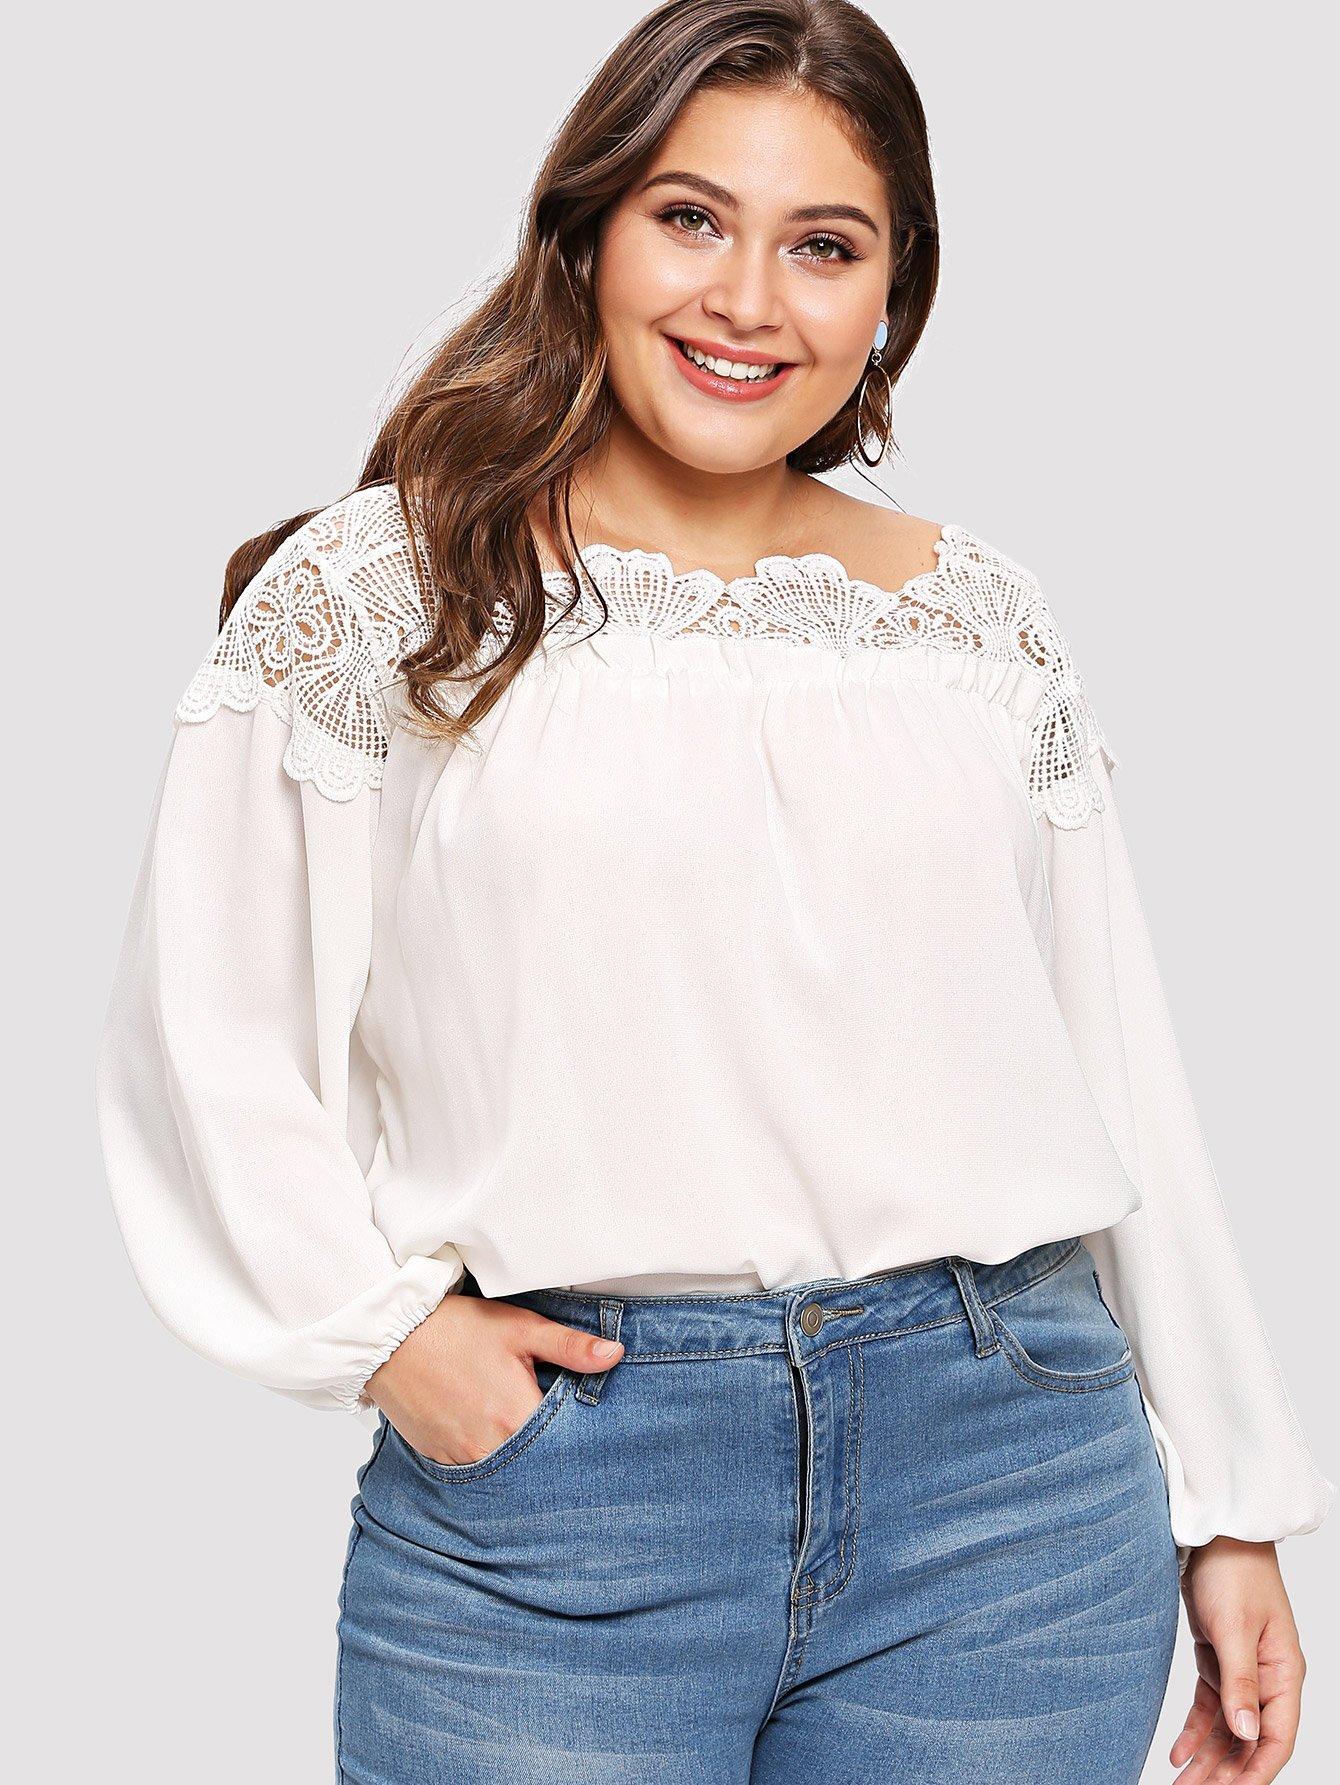 Купить Повседневные Одноцветный Контрастные кружева Белые Блузы большого размера, Carol, SheIn